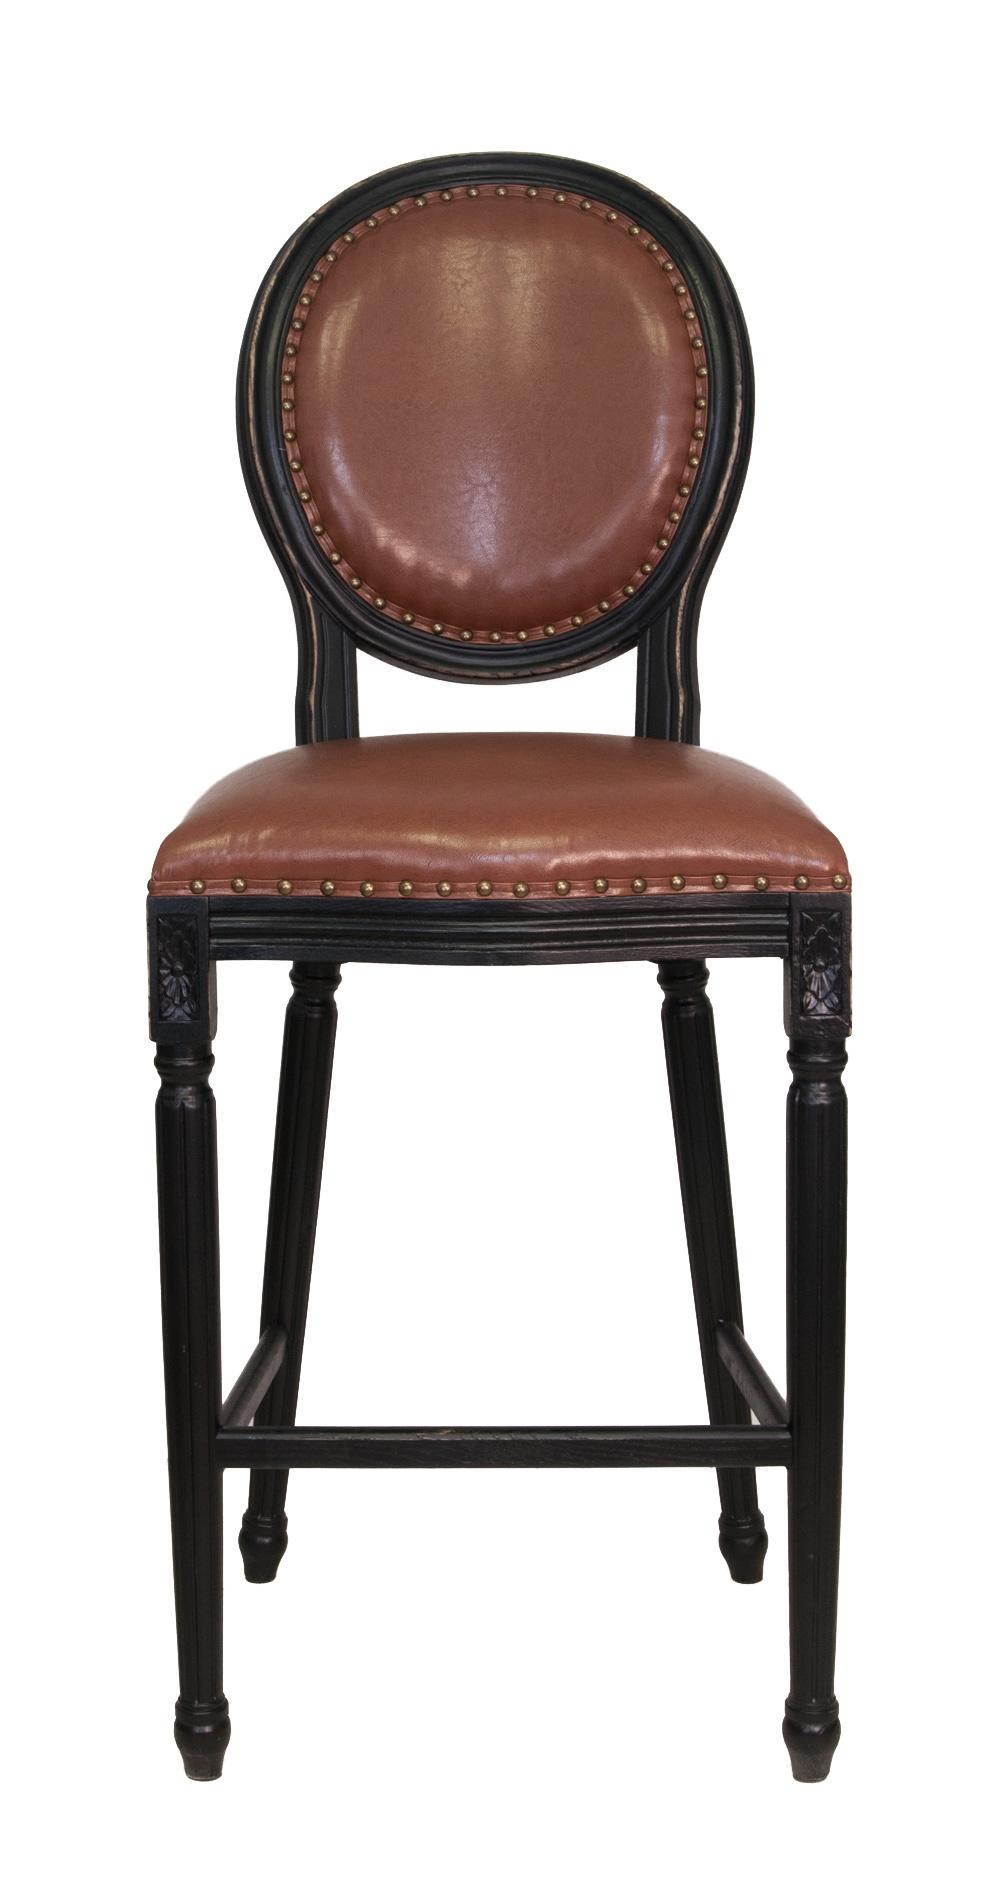 Купить со скидкой Барный стул Filon Brown